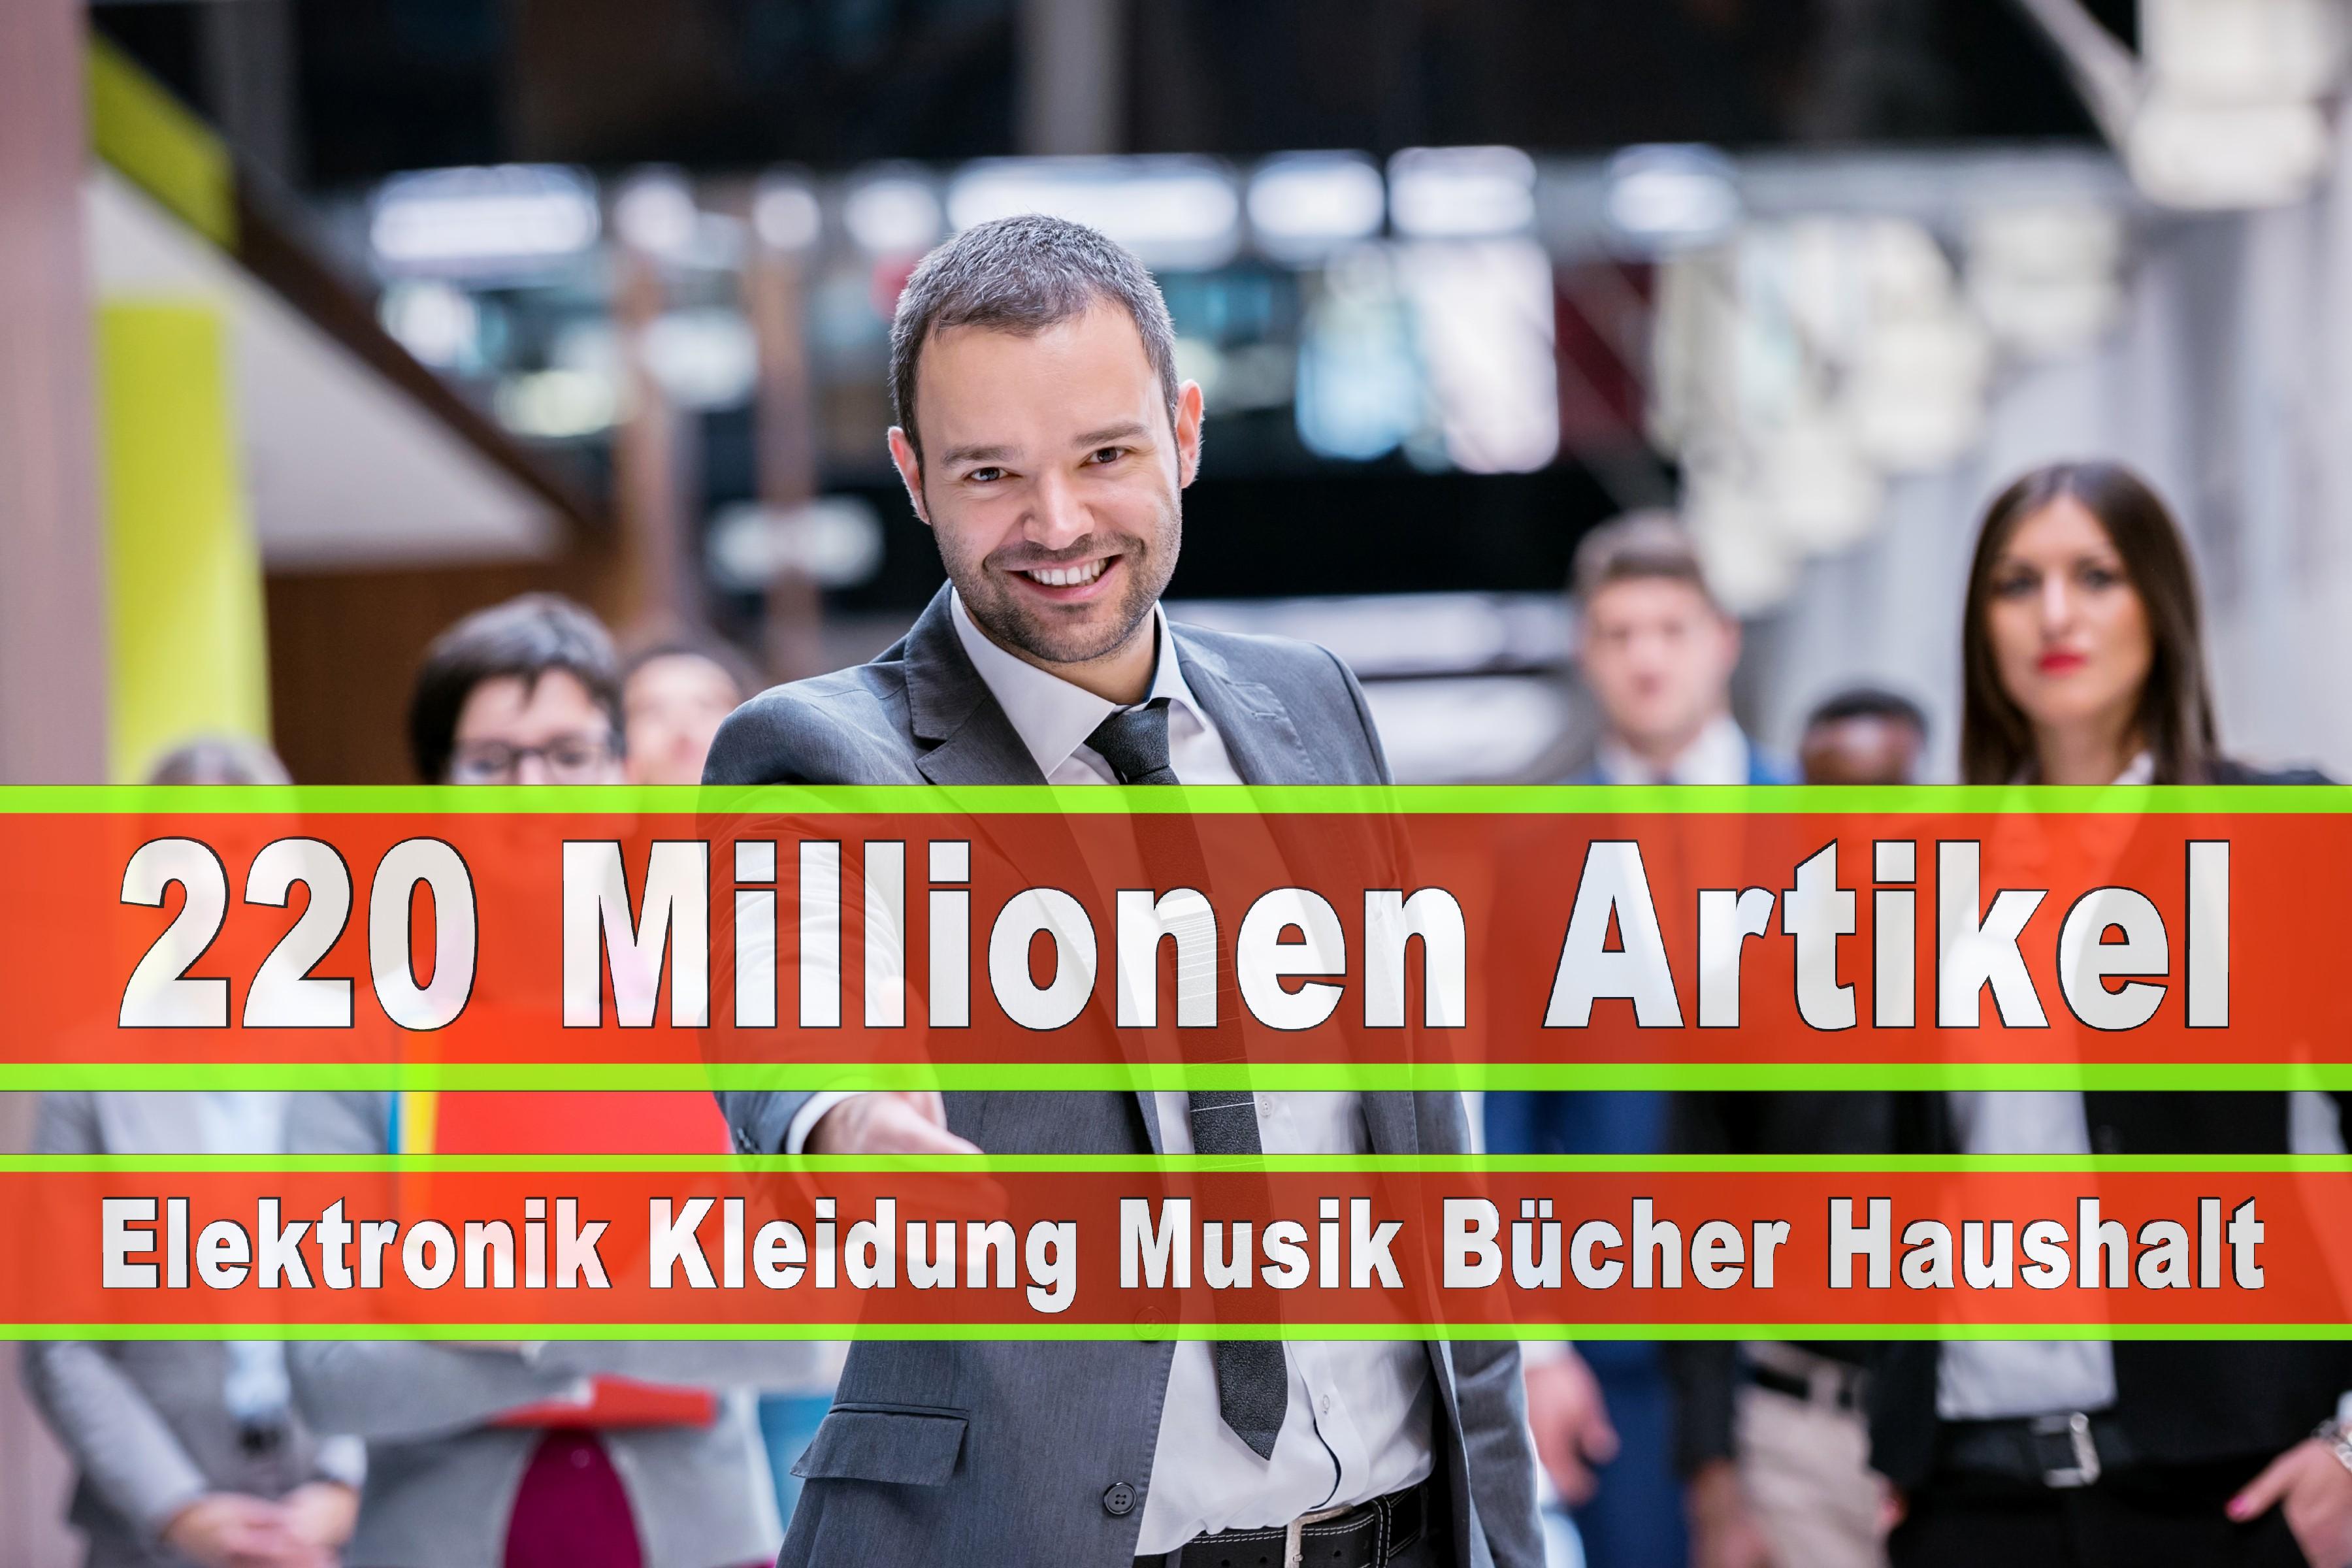 Amazon Elektronik Musik Haushalt Bücher CD DVD Handys Smartphones TV Television Fernseher Kleidung Mode Ebay Versandhaus (155)